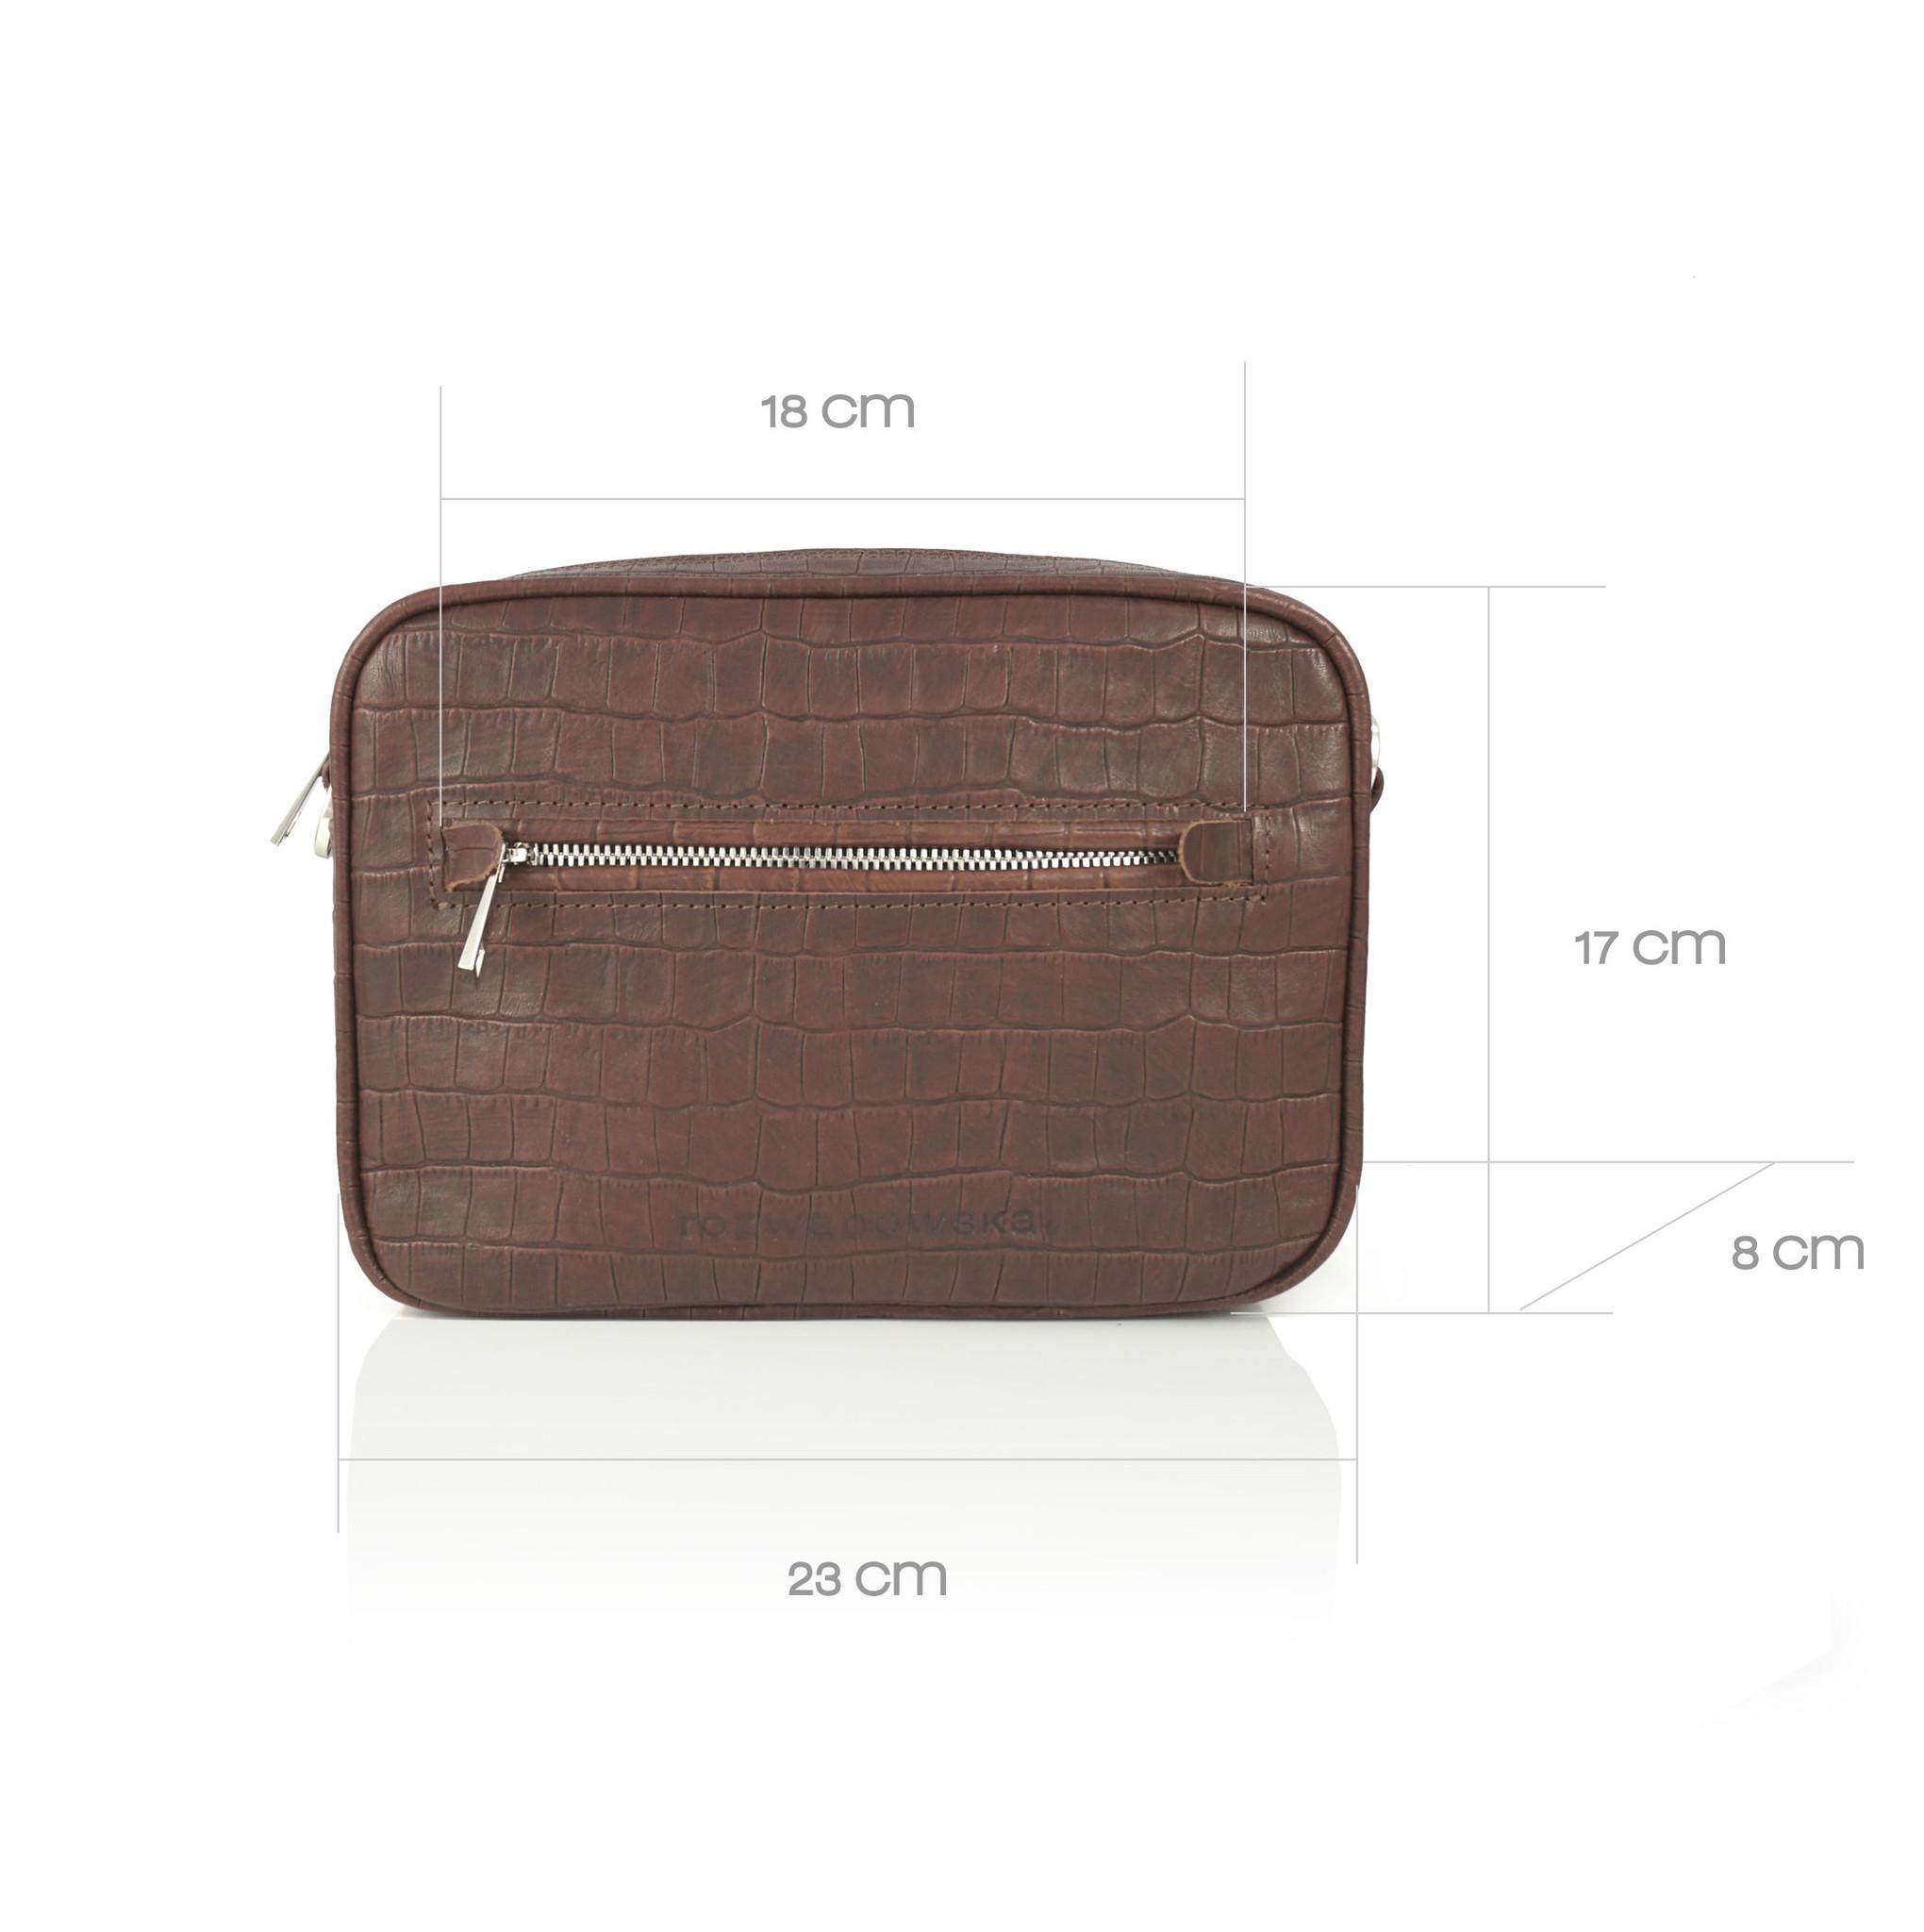 BOXY MIDI BORDO - torebka skórzana - torebka w kształcie pudełka - torebka na suwak - torebka na pasek - torebka w kolorze bakłażanu - Rozwadowska Bags | JestemSlow.pl